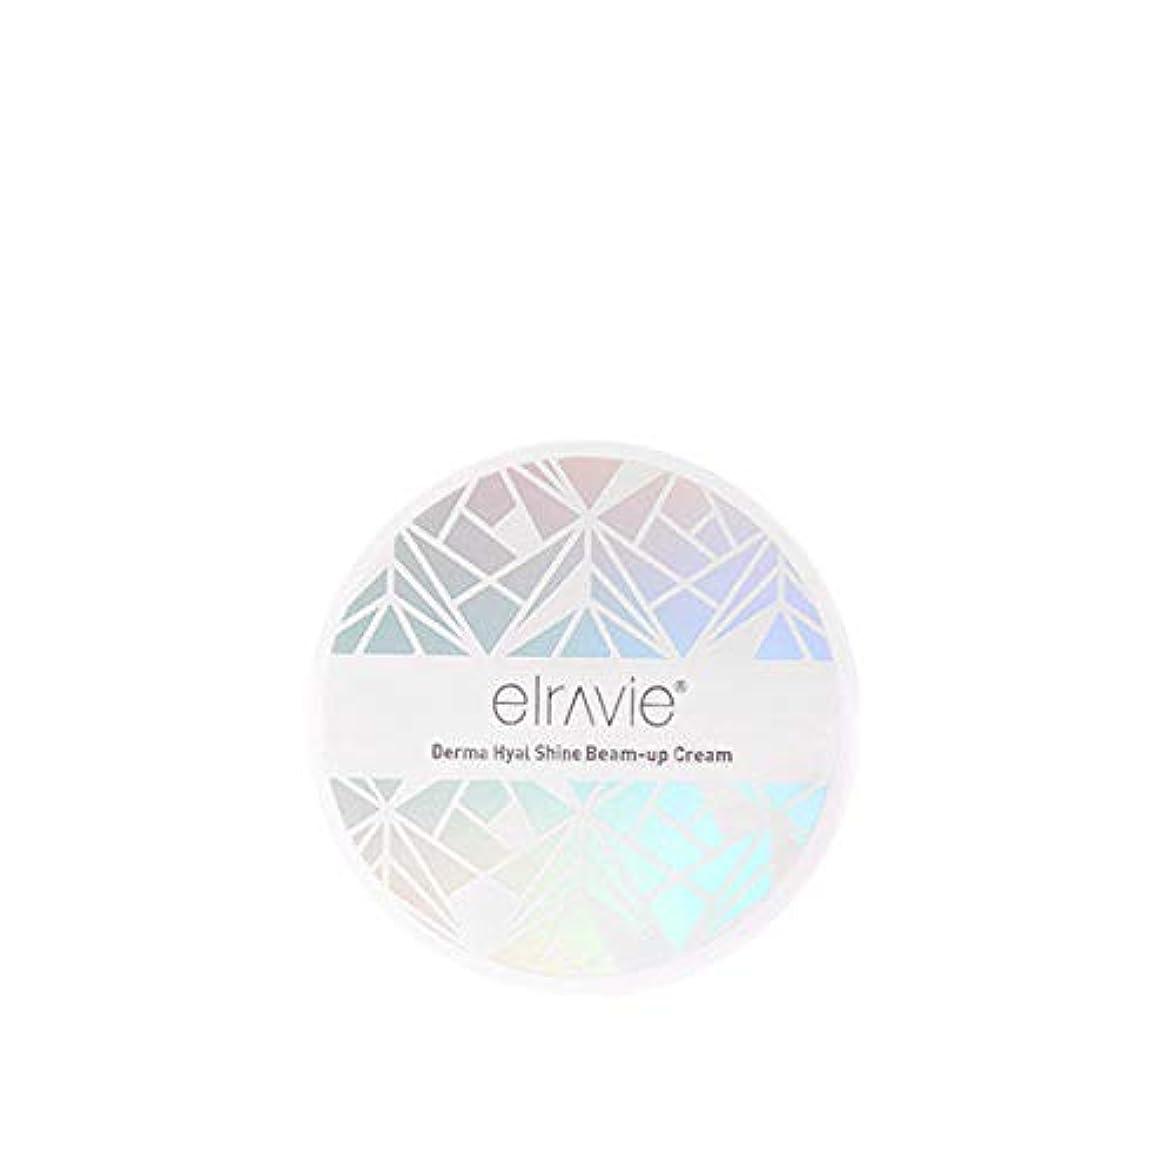 オンス目覚める疑問に思うエラヴィー[Elravie] ダーマヒアルロン酸 輝くビームアップクリーム15g / Derma Hyal Shine Beam-up Cream